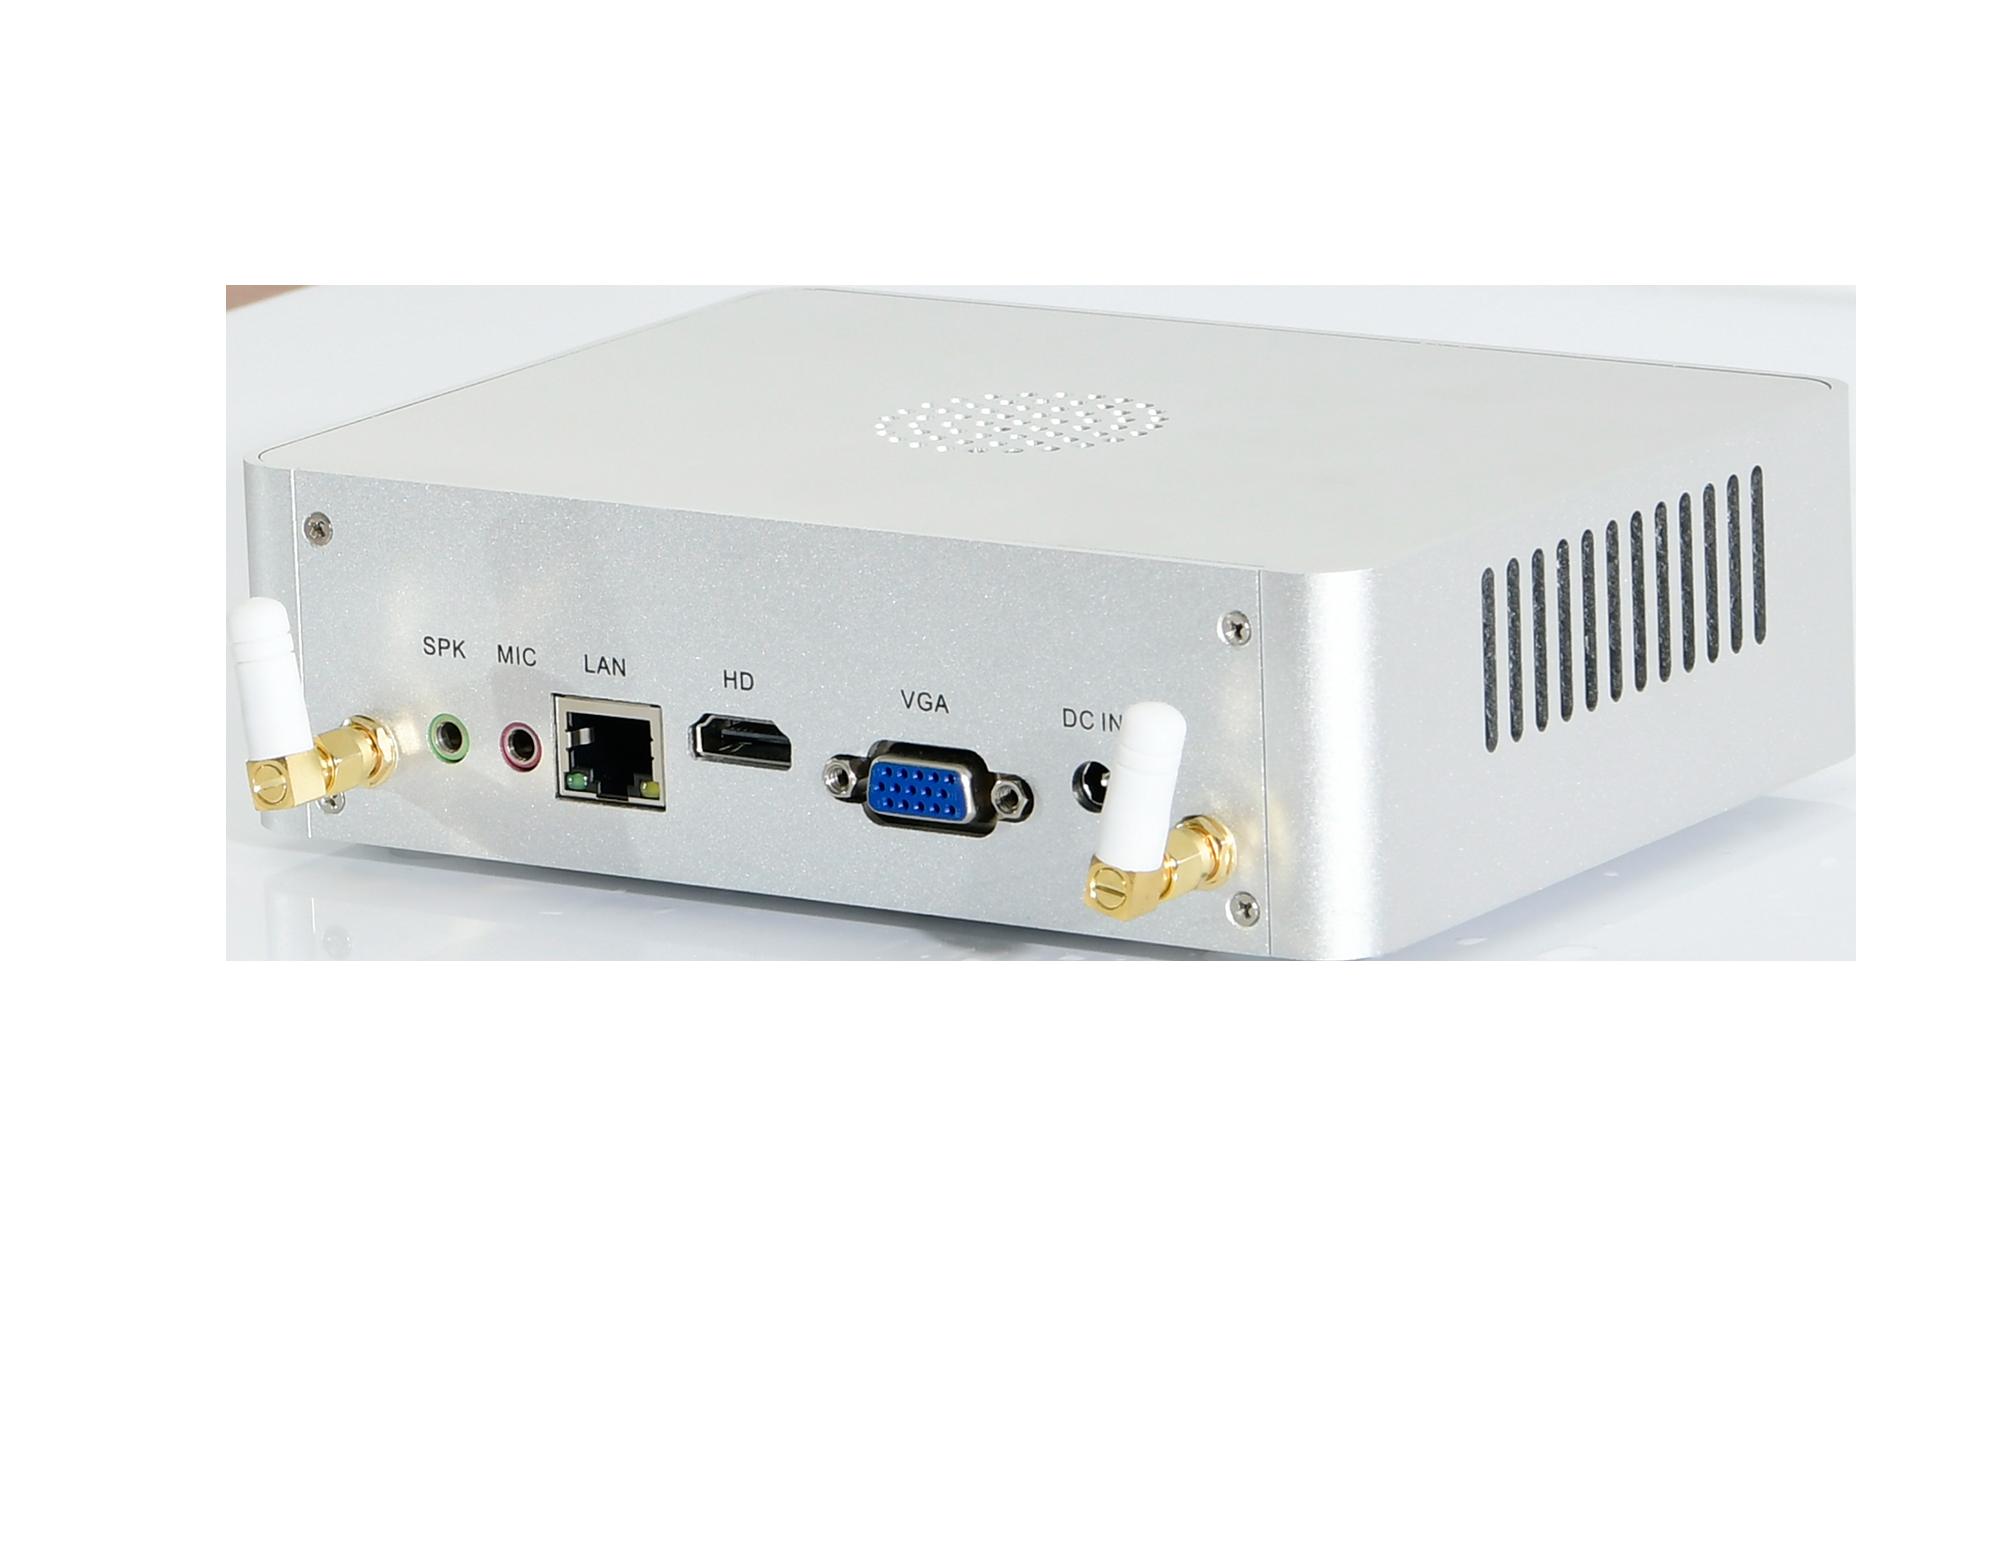 With Fan Mini PC Intel Dual Core I7 6650U I5 7267U I5 6267U Small Computer 4MB Cache VGA HDMI 4*USB3.0 Desktop Pc